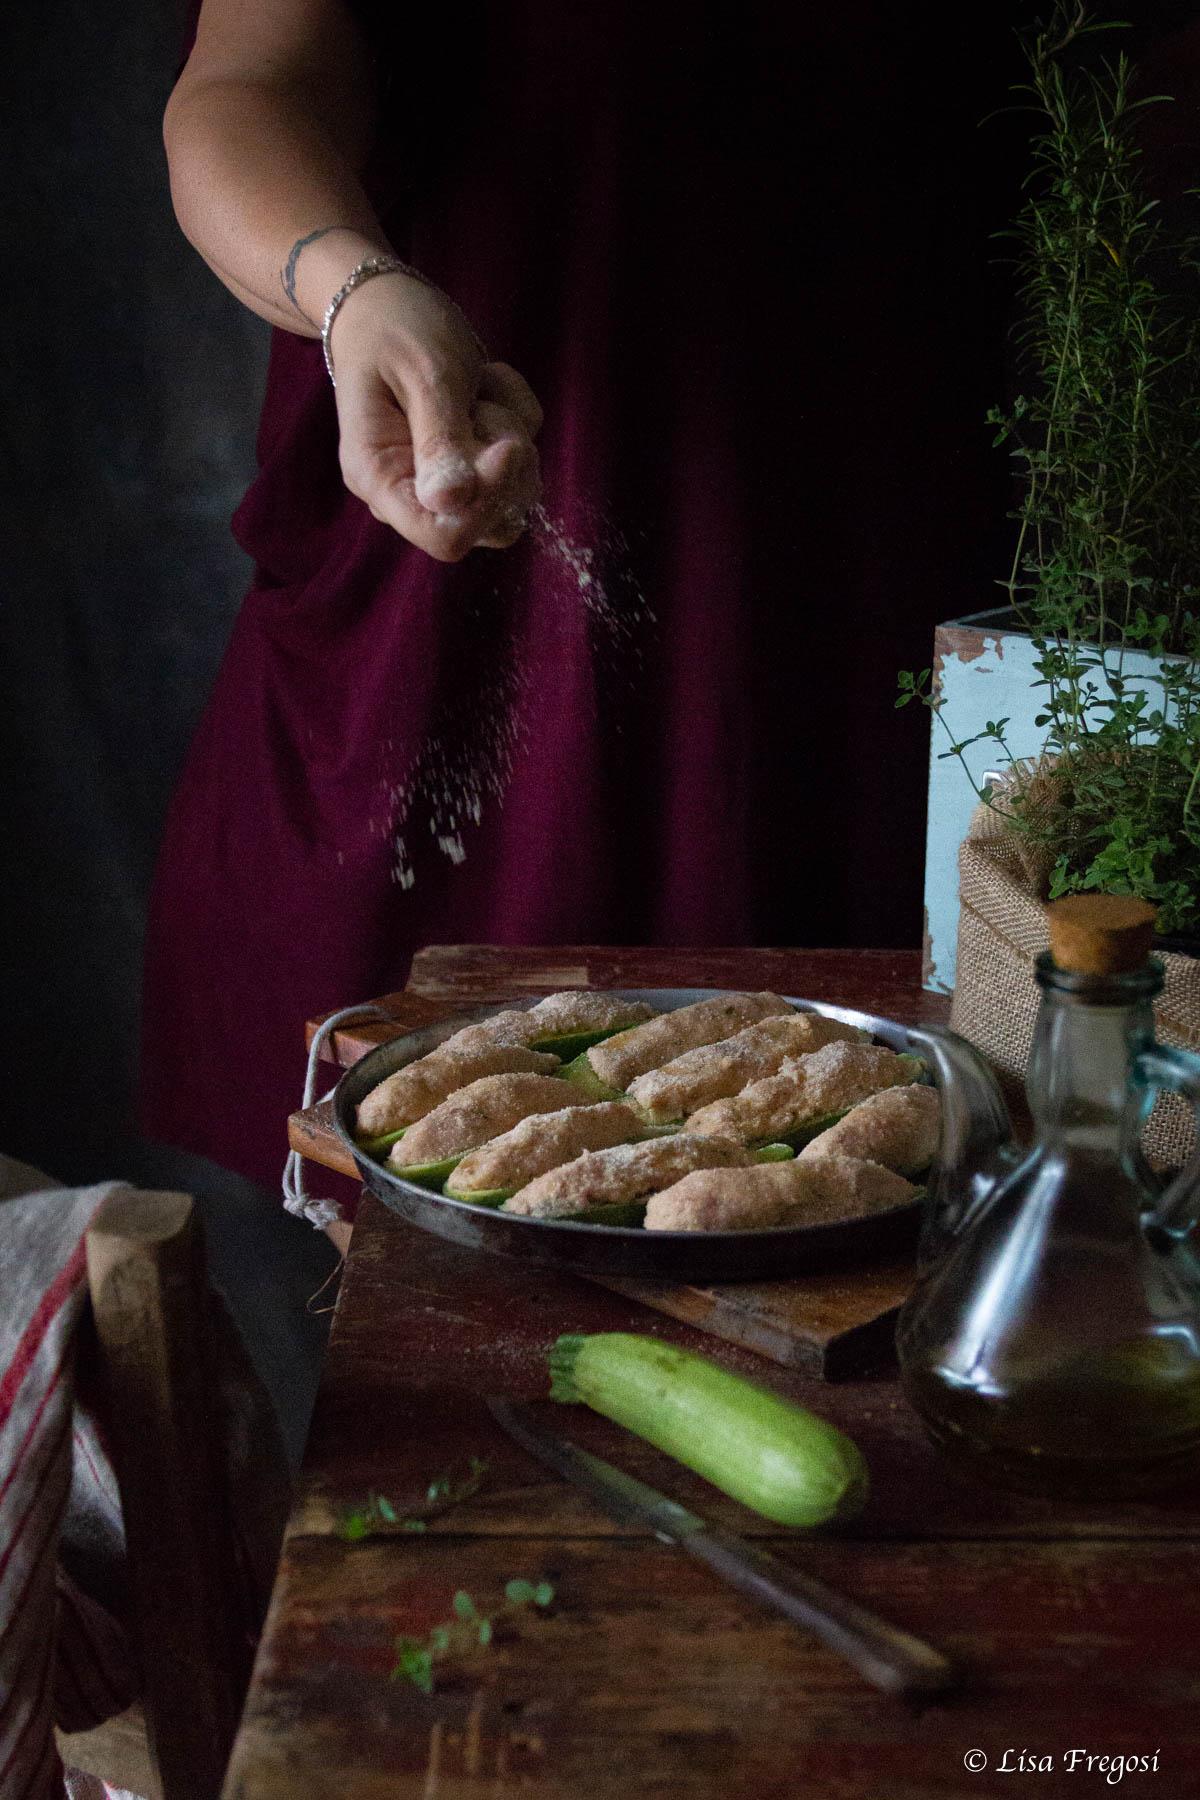 le ricette liguri: zucchine ripiene